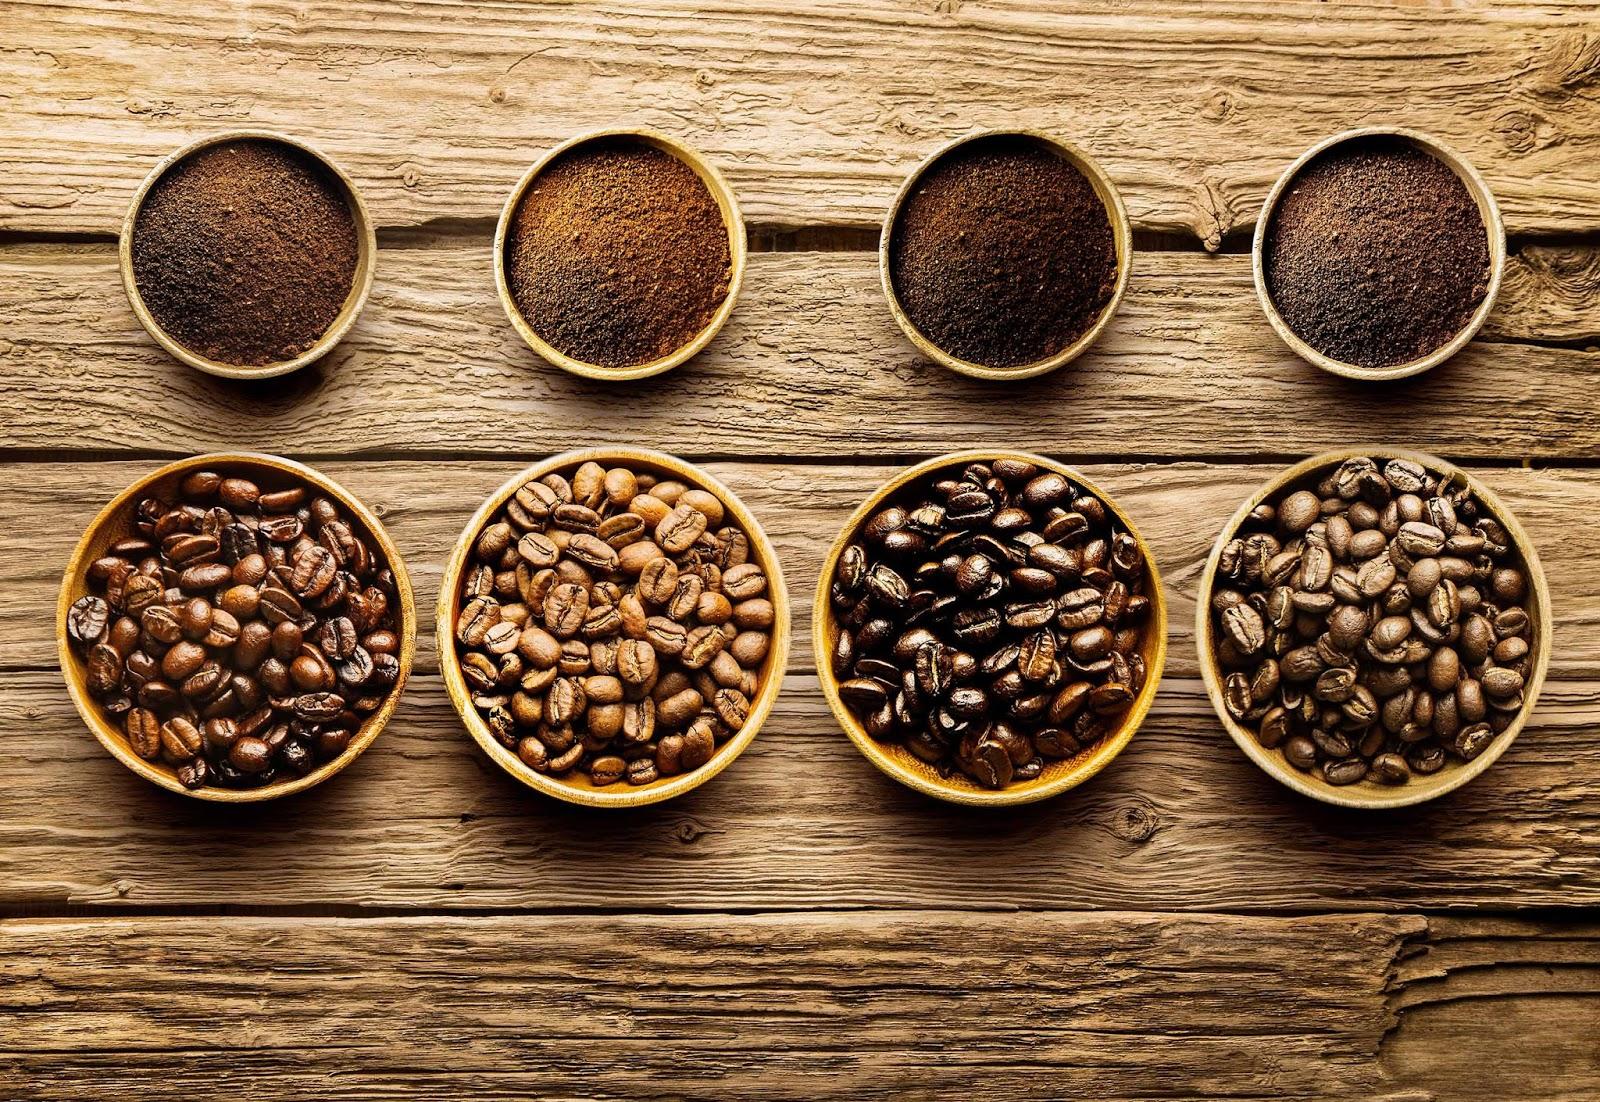 công bố tiêu chuẩn chất lượng cà phề nguyên chất 1